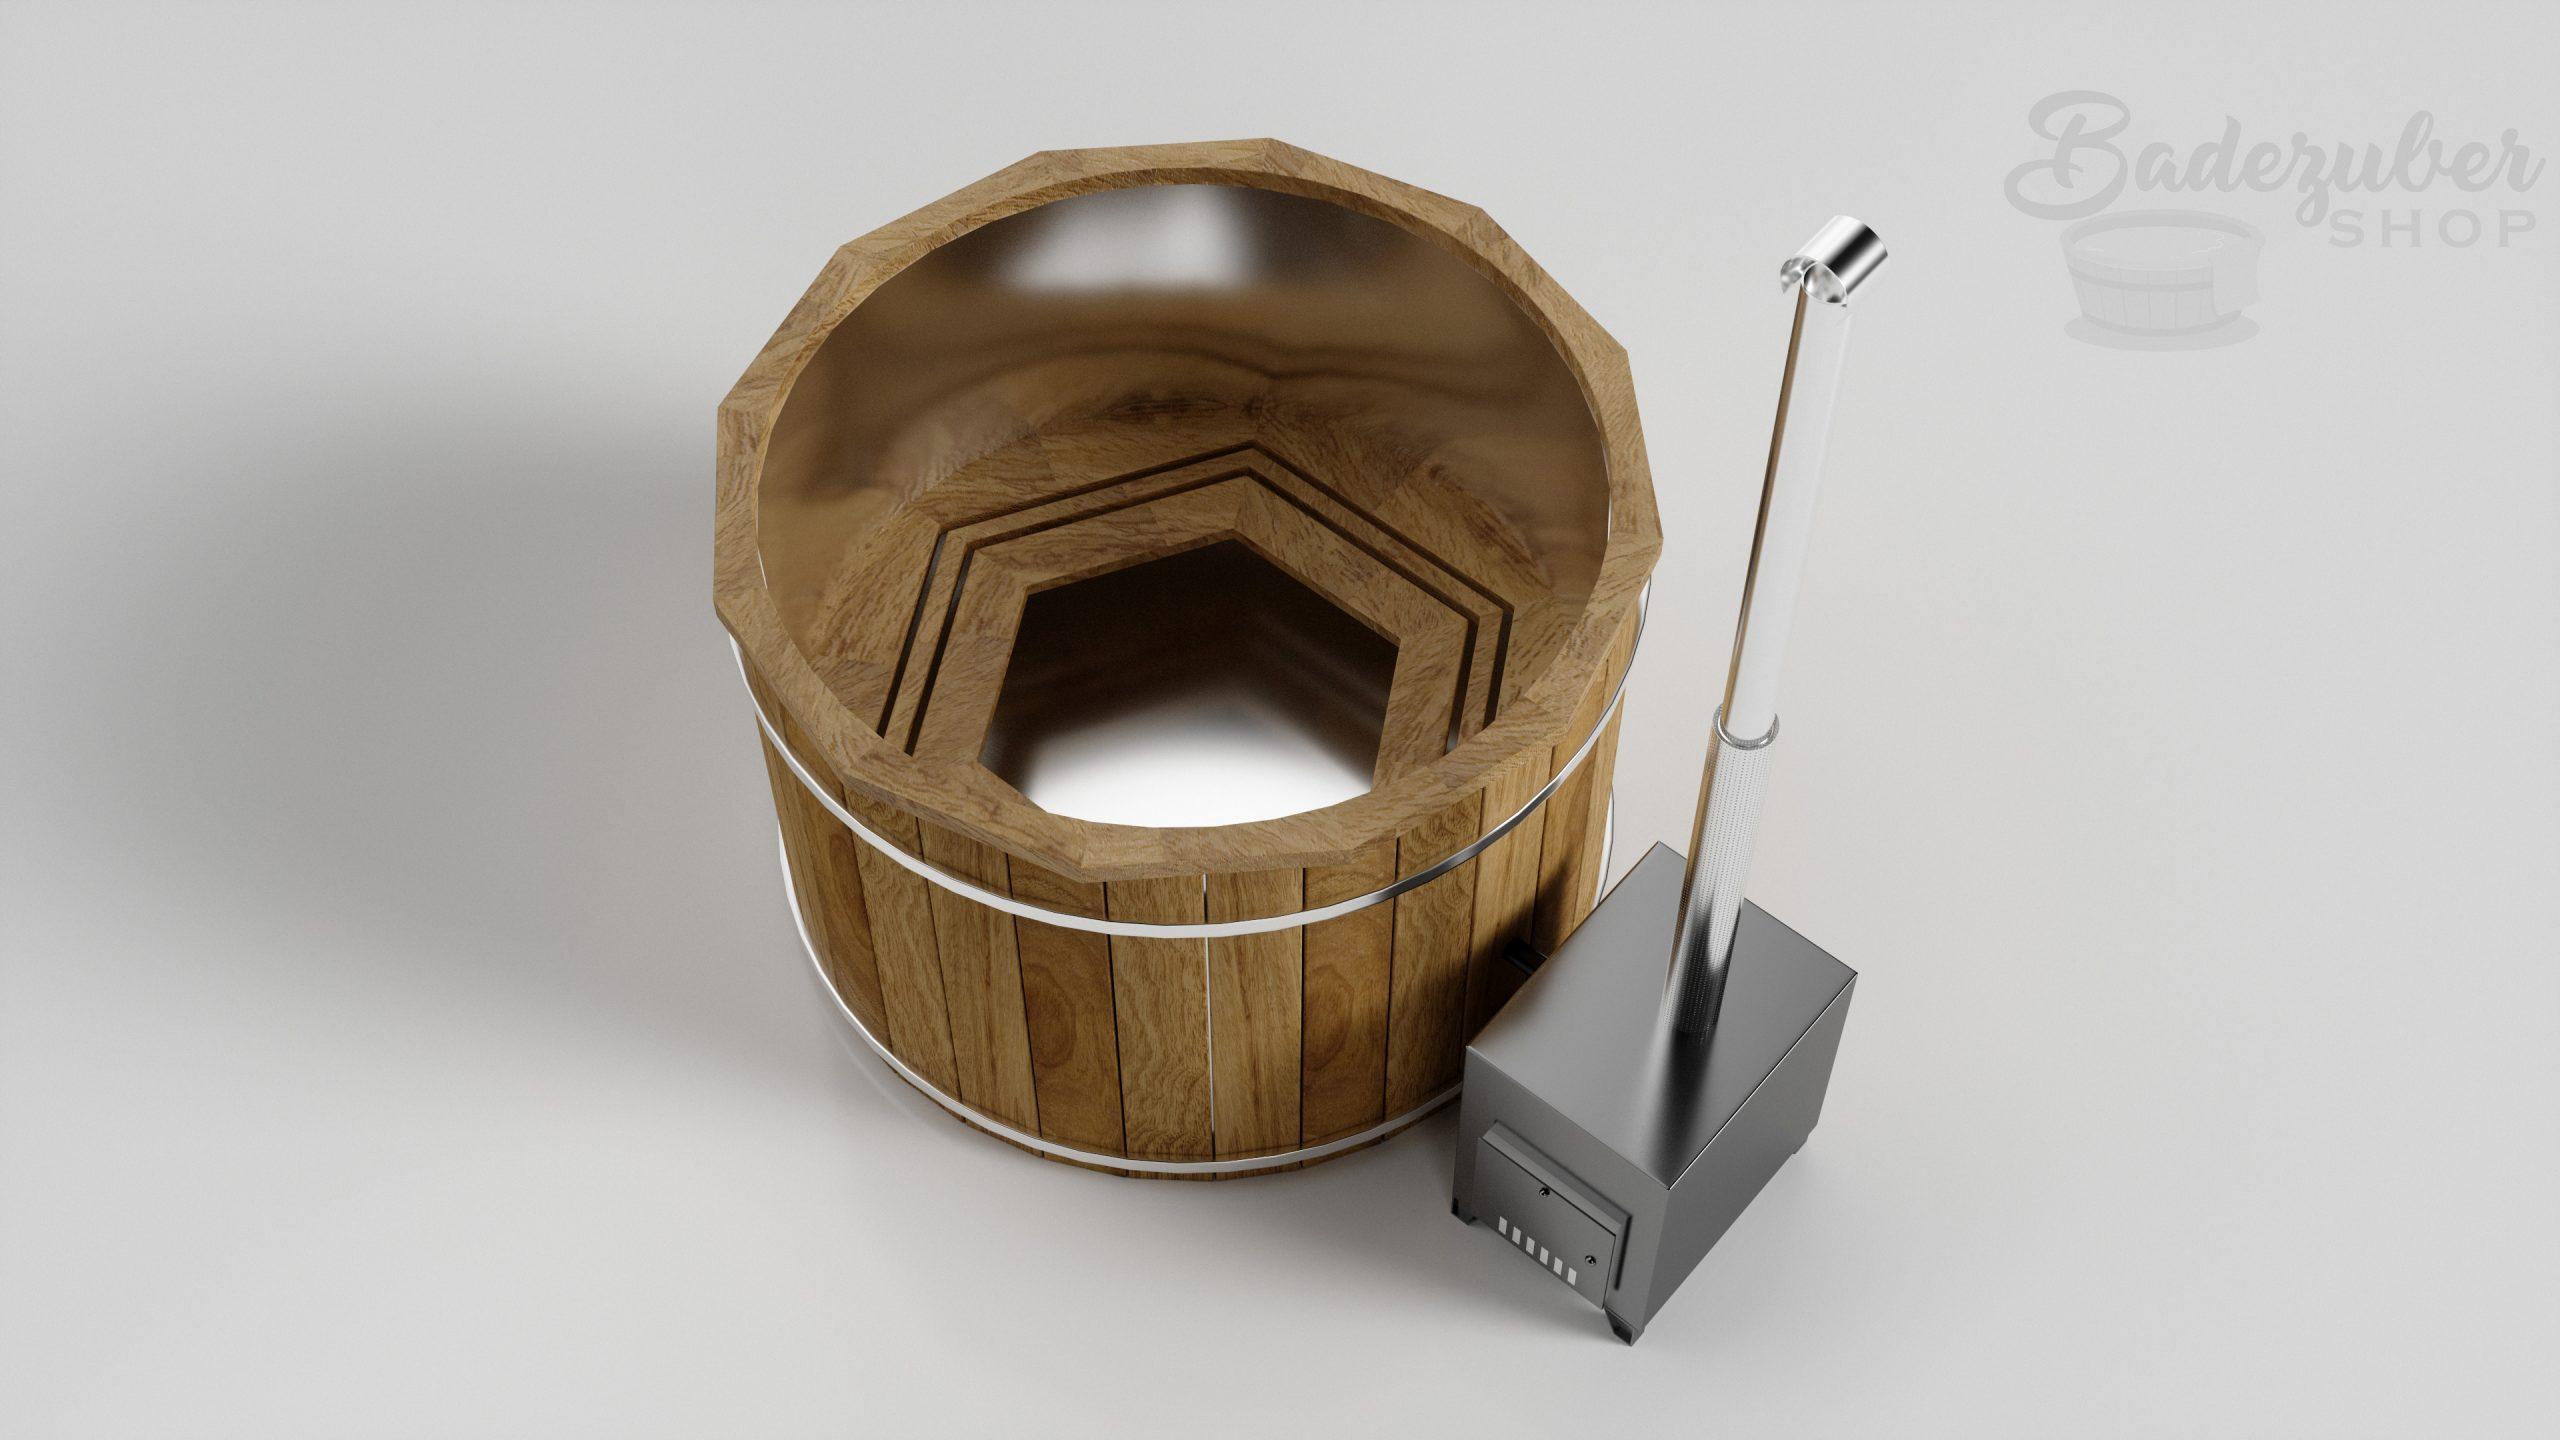 Holz Badefass mit außen Ofen - Produktbild 45° Perspektive